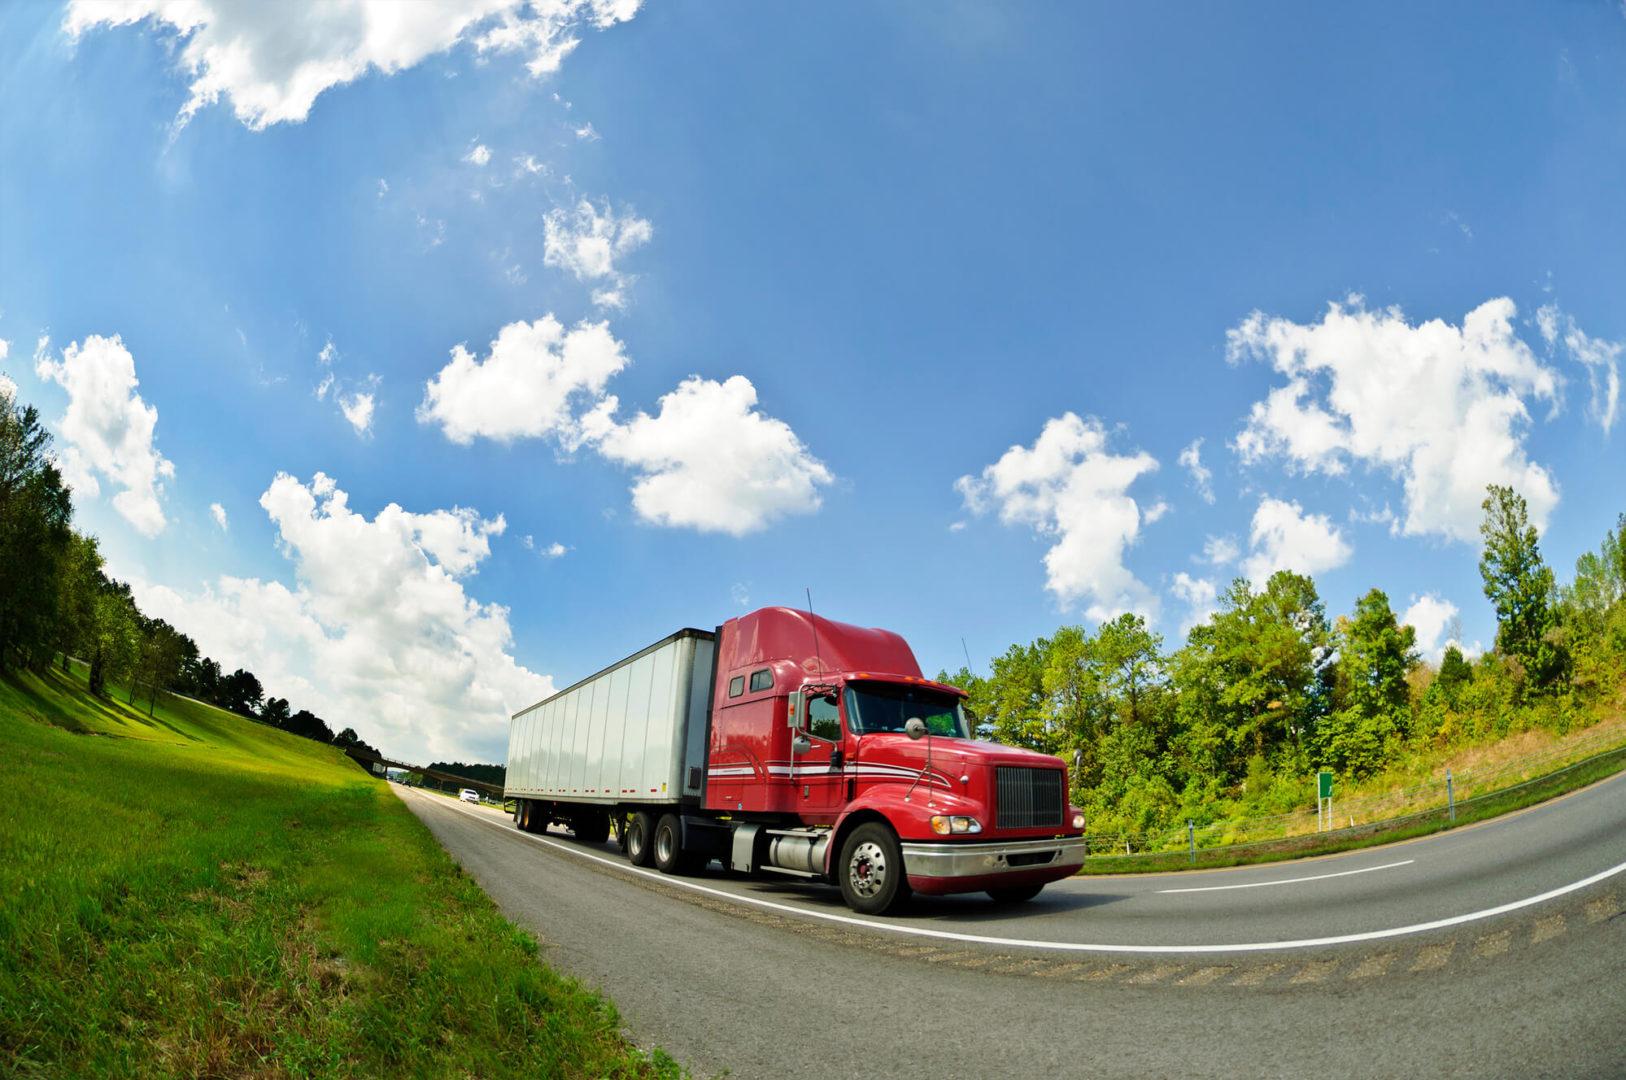 Conheça aqui os 6 principais tipos de caminhão existentes - Blog Logística